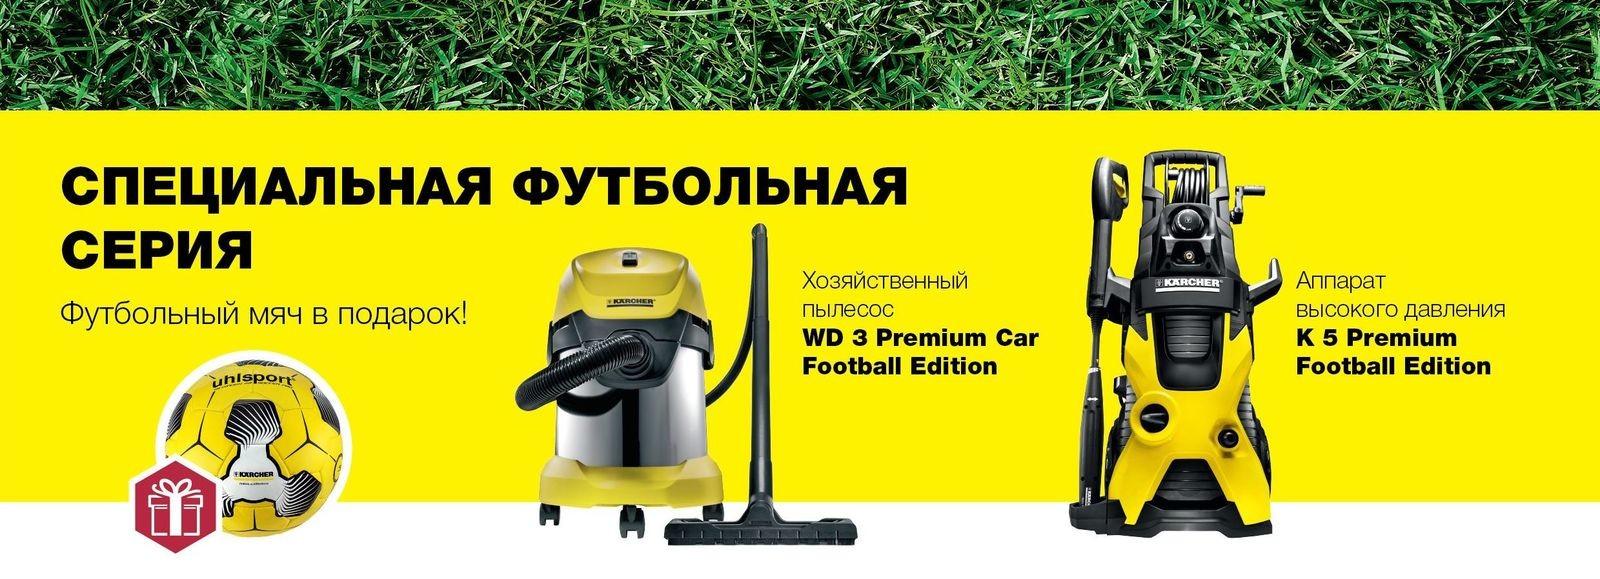 Футбольная лихорадка:  эксклюзивная серия аппаратов Football Edition от Kärcher Для фанатов чистоты!